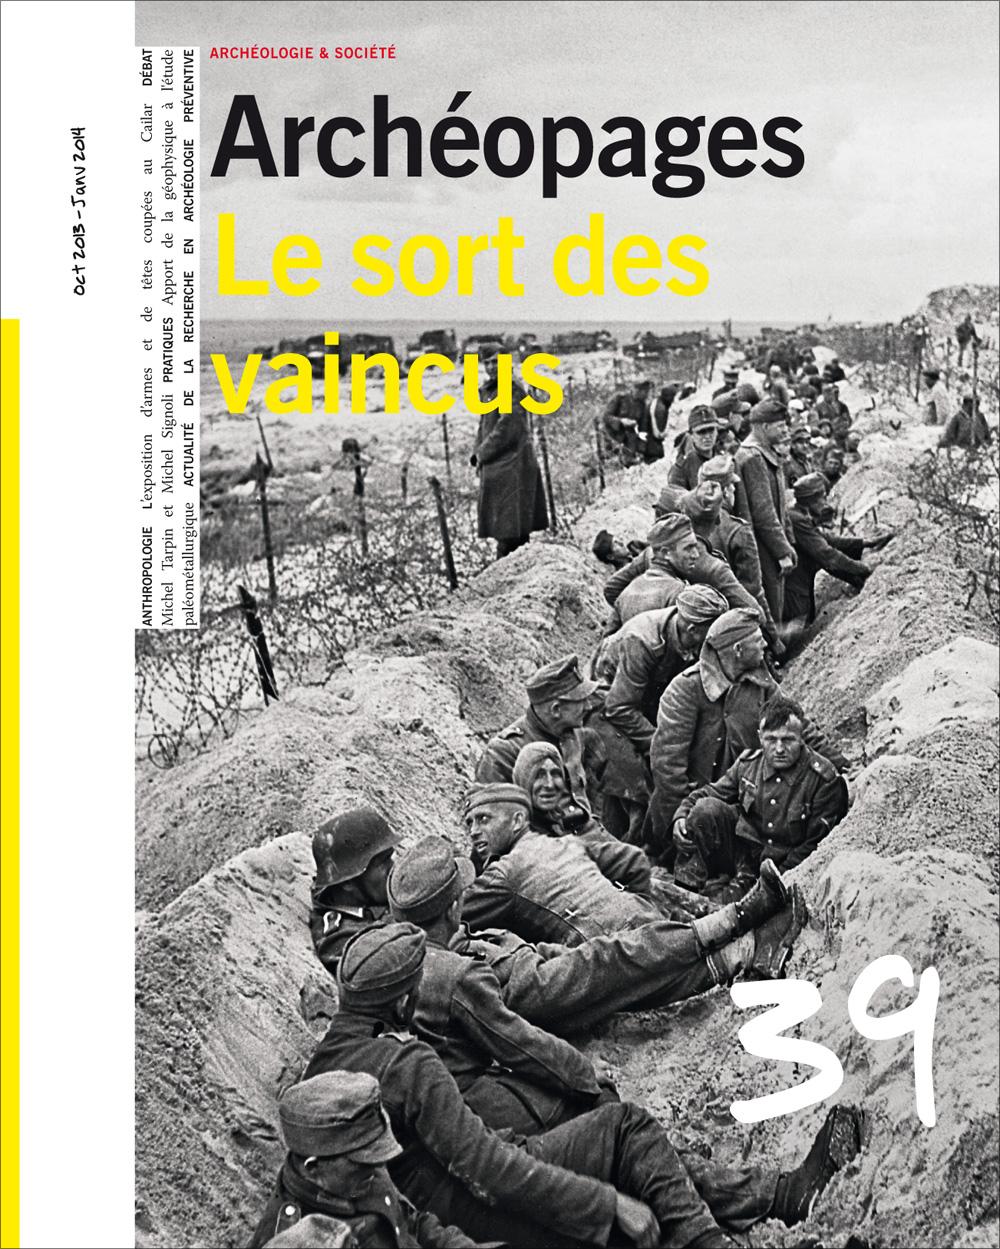 Archéopages n° 39 : <i>Le sort des vaincus</i>